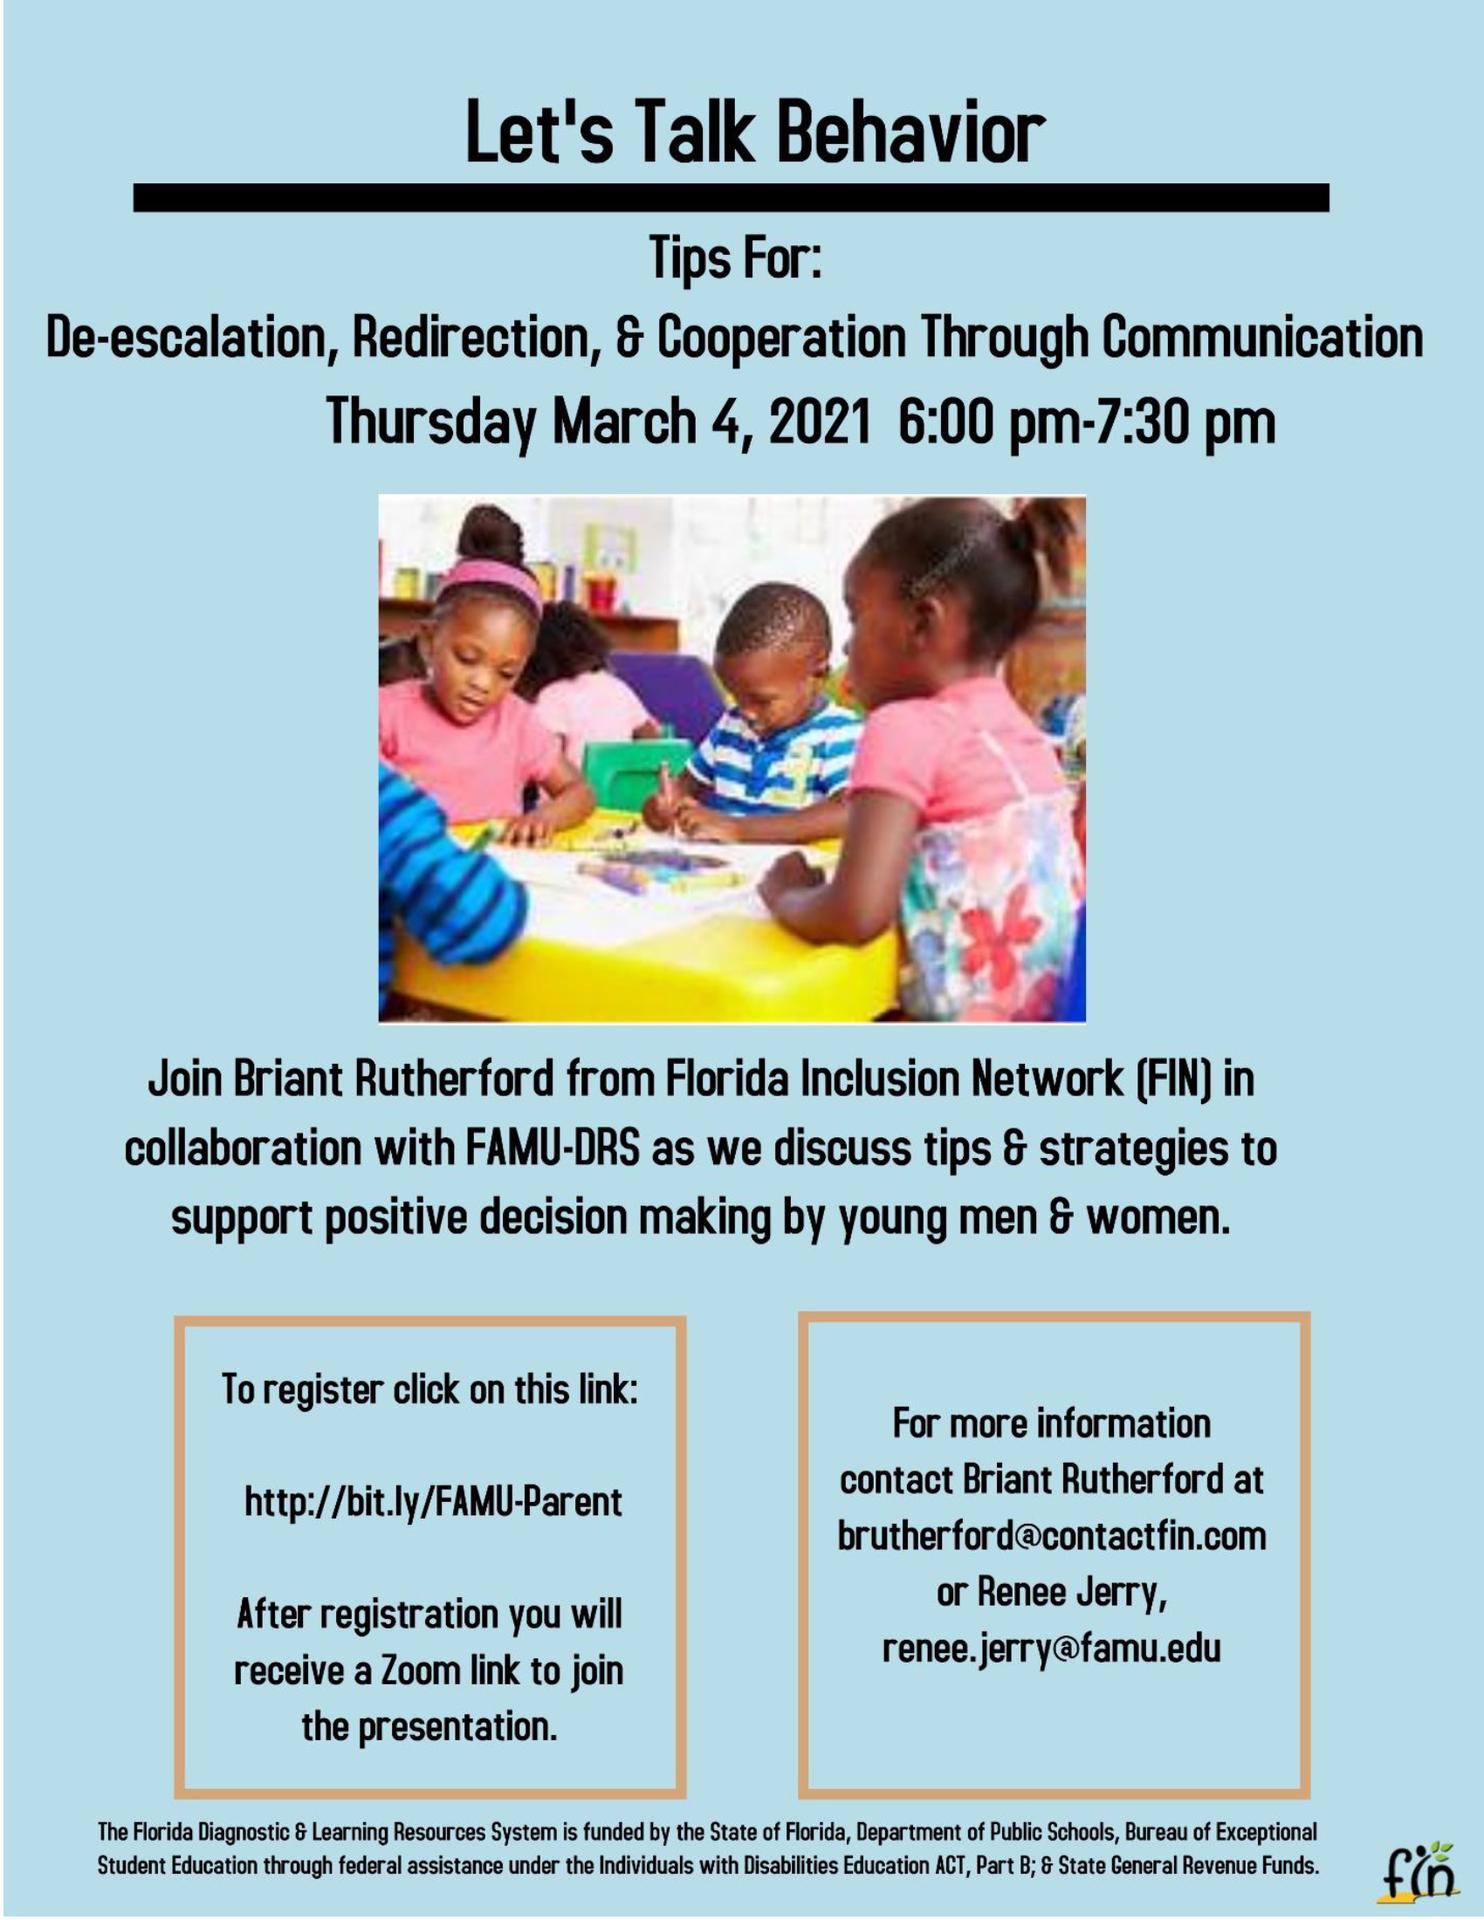 Let's Talk Behavior Series